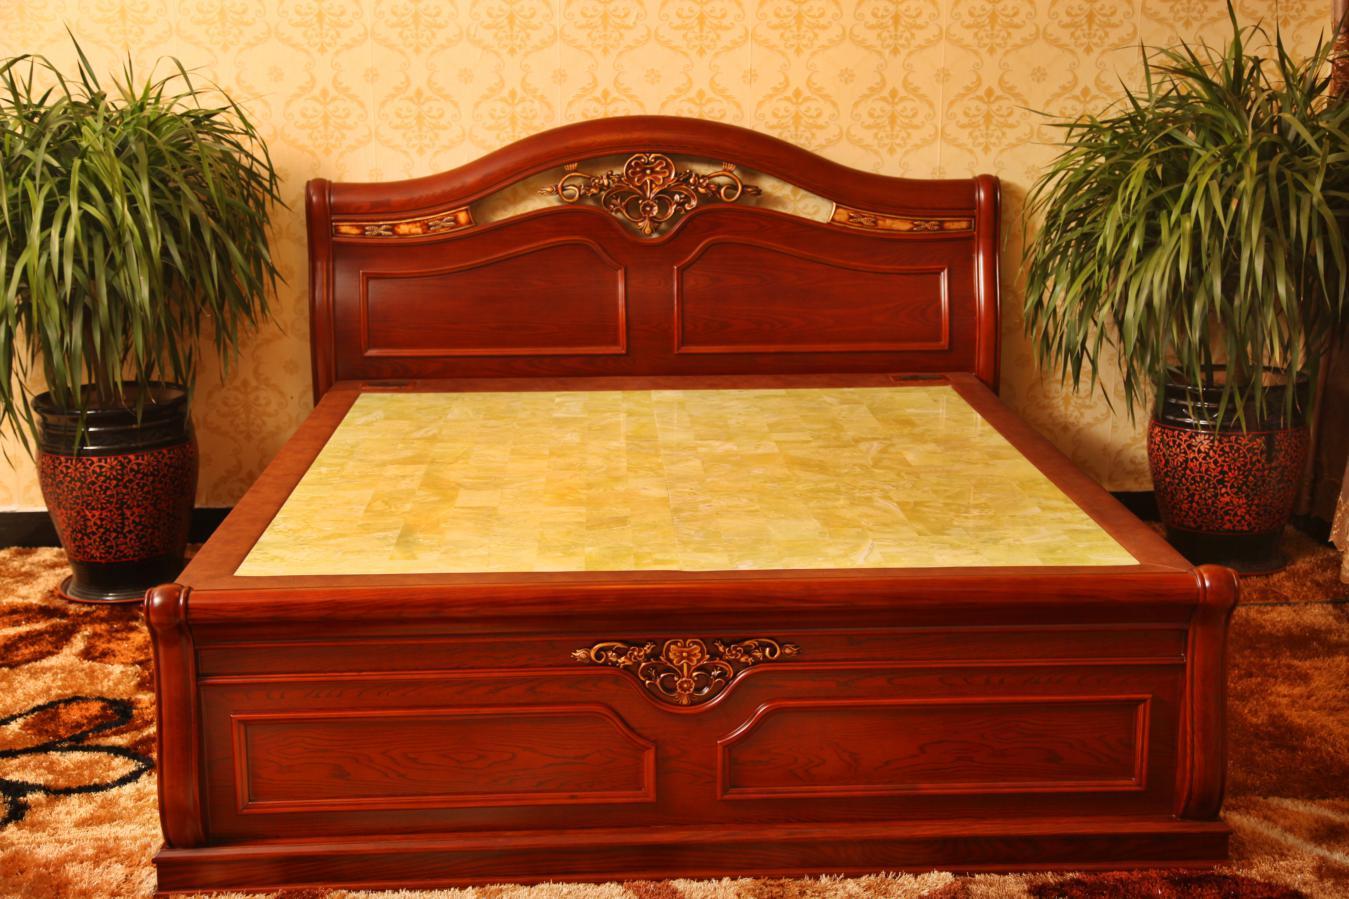 玉石床垫哪家好,沈阳万润达厂家专业供应玉石床垫